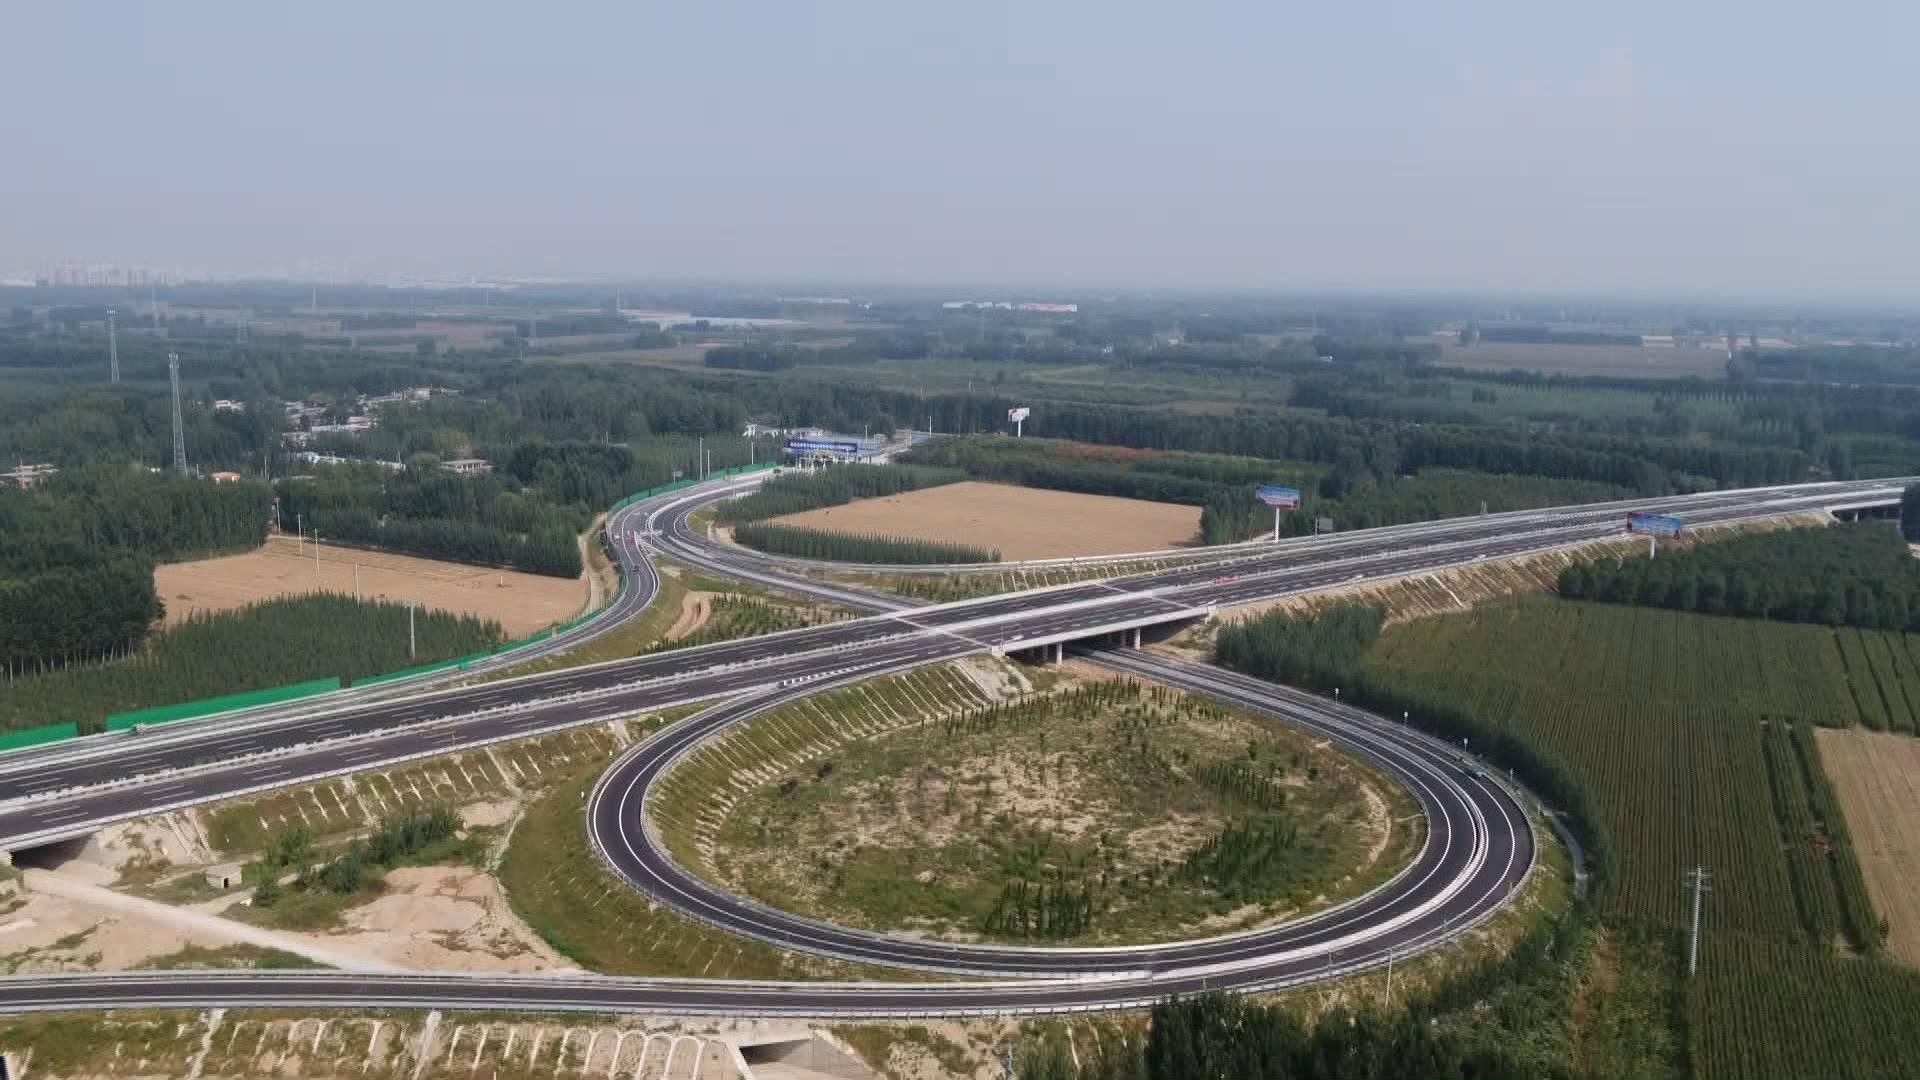 聊城首条六车道高速16号通车 青兰高速东阿至聊城段完工